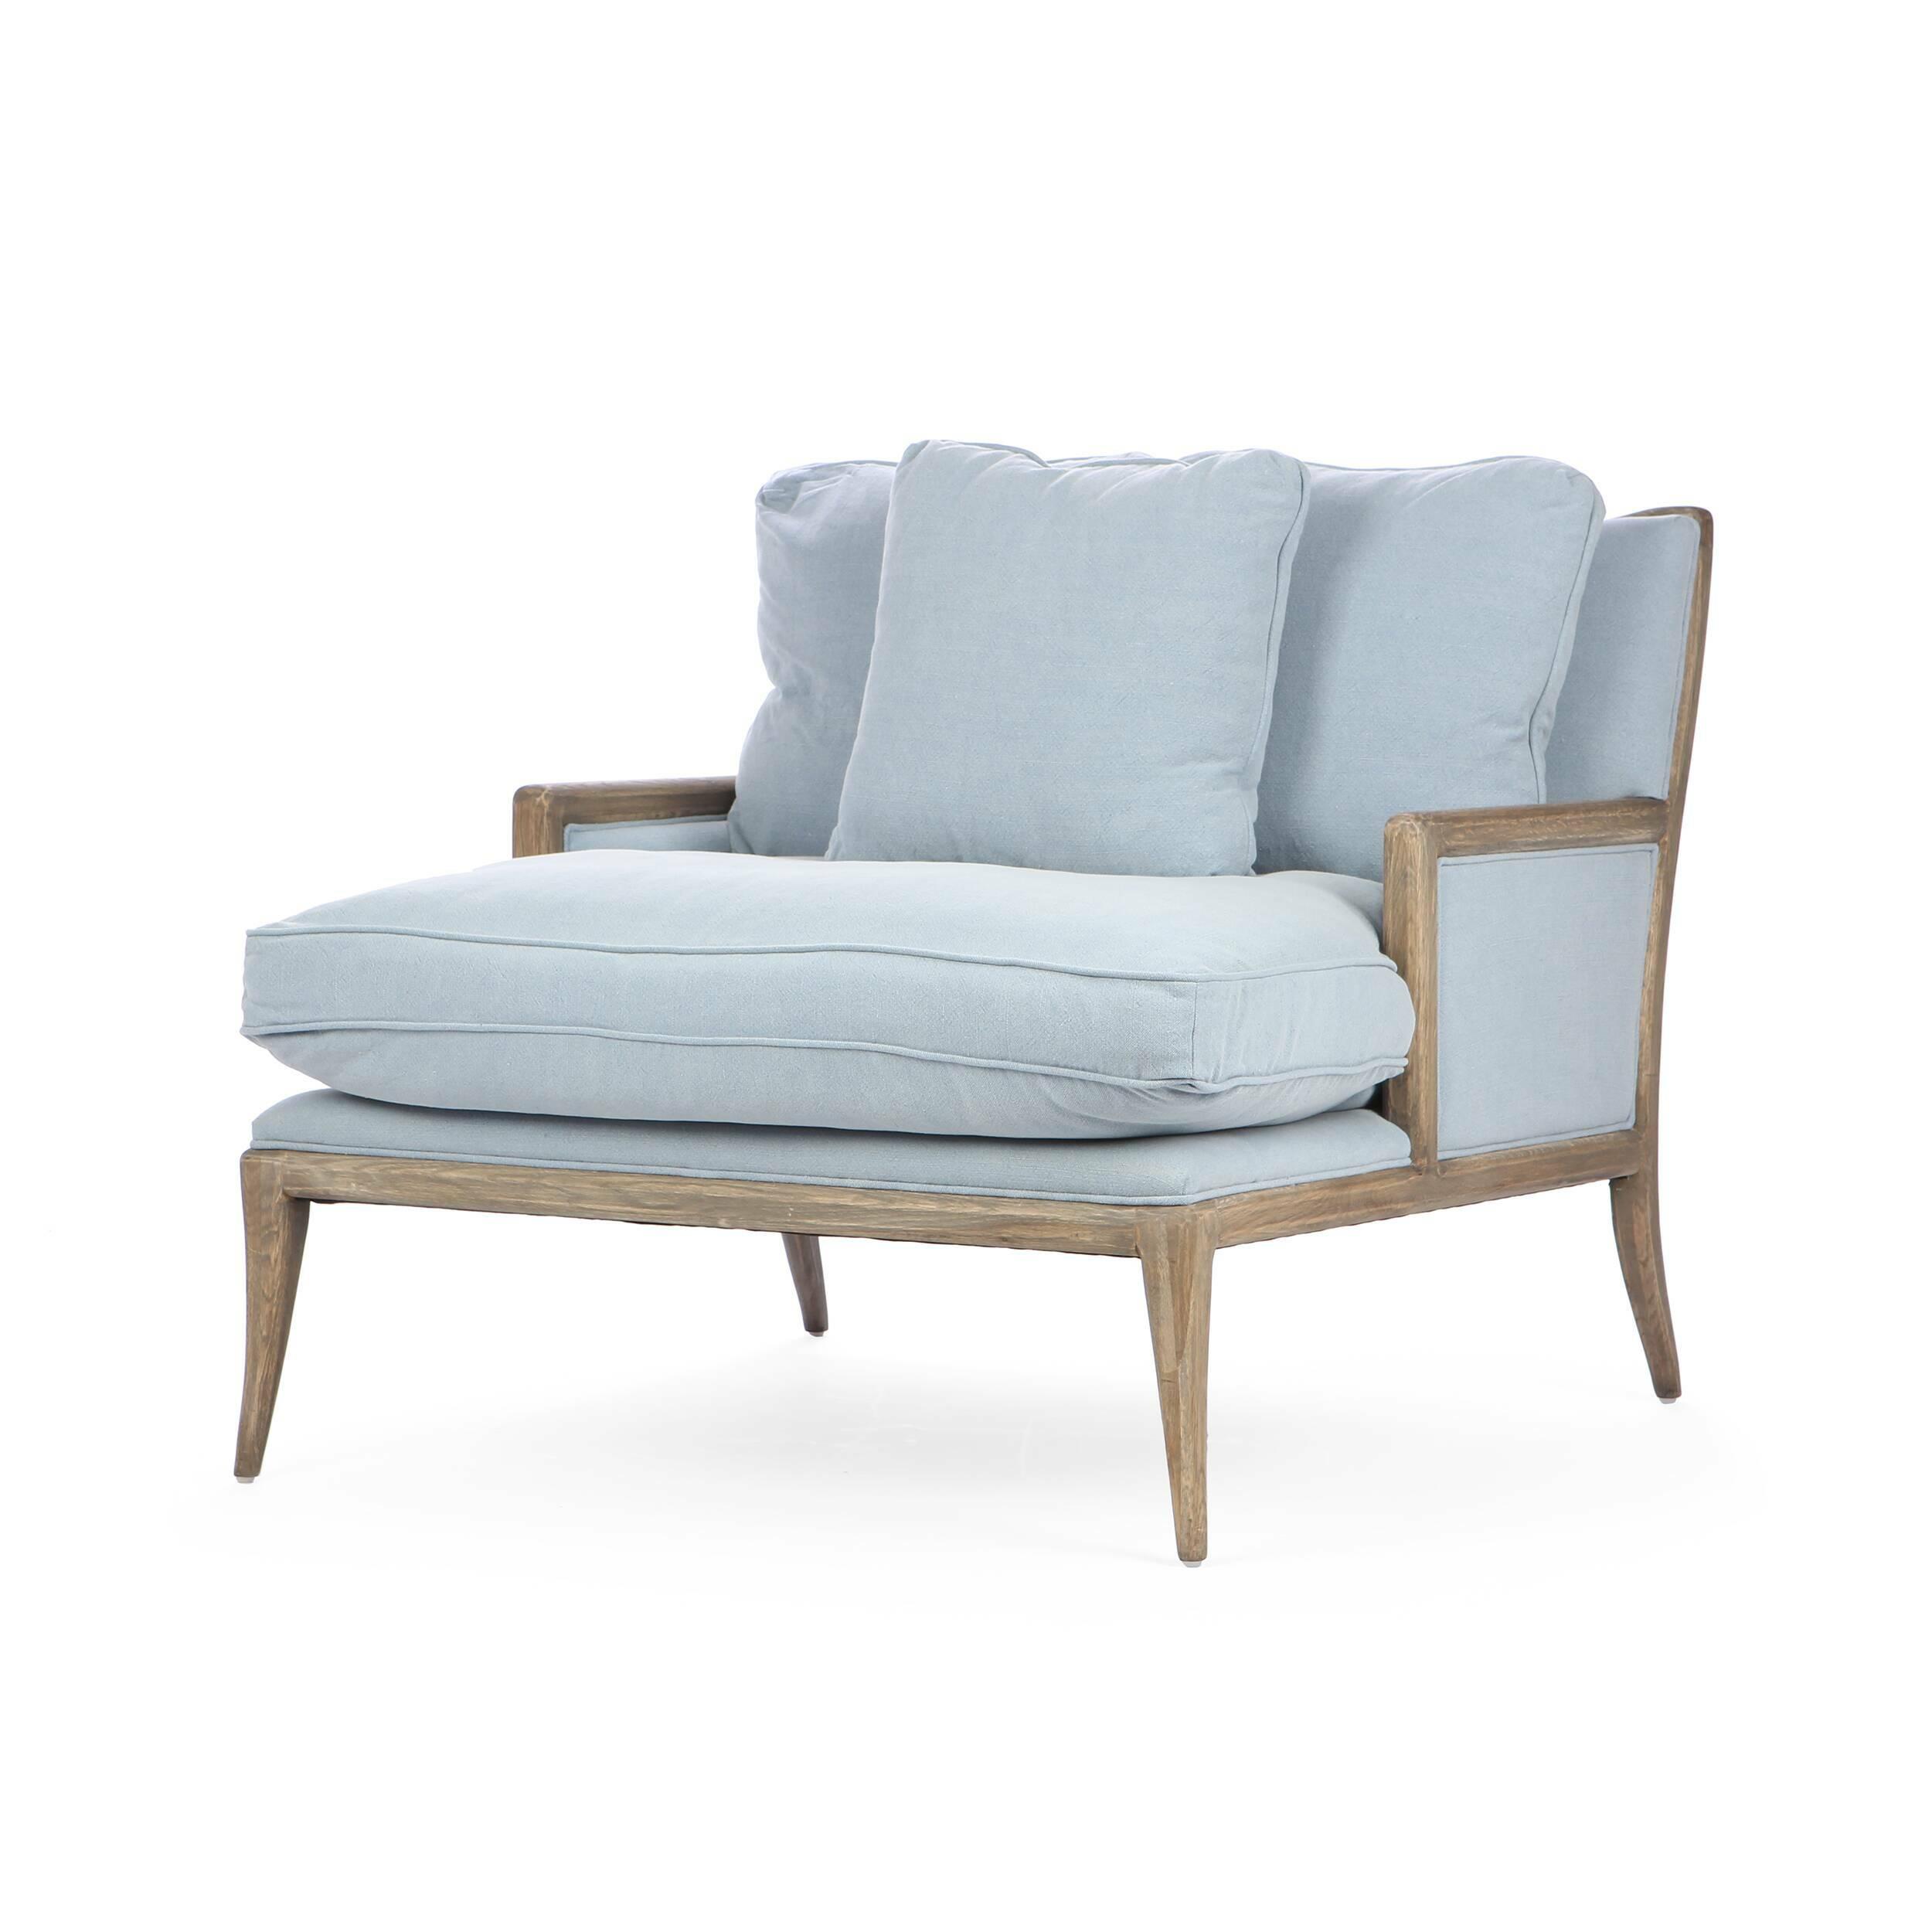 Кресло Florence ModernИнтерьерные<br>Дизайнерское широкое светлое кресло Florence Modern (Флоренс Модерн) с деревянными подлокотниками и ножками от Cosmo (Космо).<br><br><br> Кресло Florence Modern разработано ведущими дизайнерами компании Cosmo. Это кресло буквально создано для великолепного отдыха после трудового дня или во время семейных посиделок в любимой гостиной комнате. Кресло имеет несколько подушек, которые порадуют вас своей мягкостью и удобством. Кроме того, кресло довольно широкое, что позволяет разместиться в нем так, ...<br><br>stock: 0<br>Высота: 89<br>Высота сиденья: 57<br>Ширина: 103<br>Глубина: 119.5<br>Цвет ножек: Коричневый<br>Материал ножек: Состаренный массив дуба<br>Материал обивки: Хлопок, Лен<br>Тип материала обивки: Ткань<br>Тип материала ножек: Дерево<br>Цвет обивки: Голубой